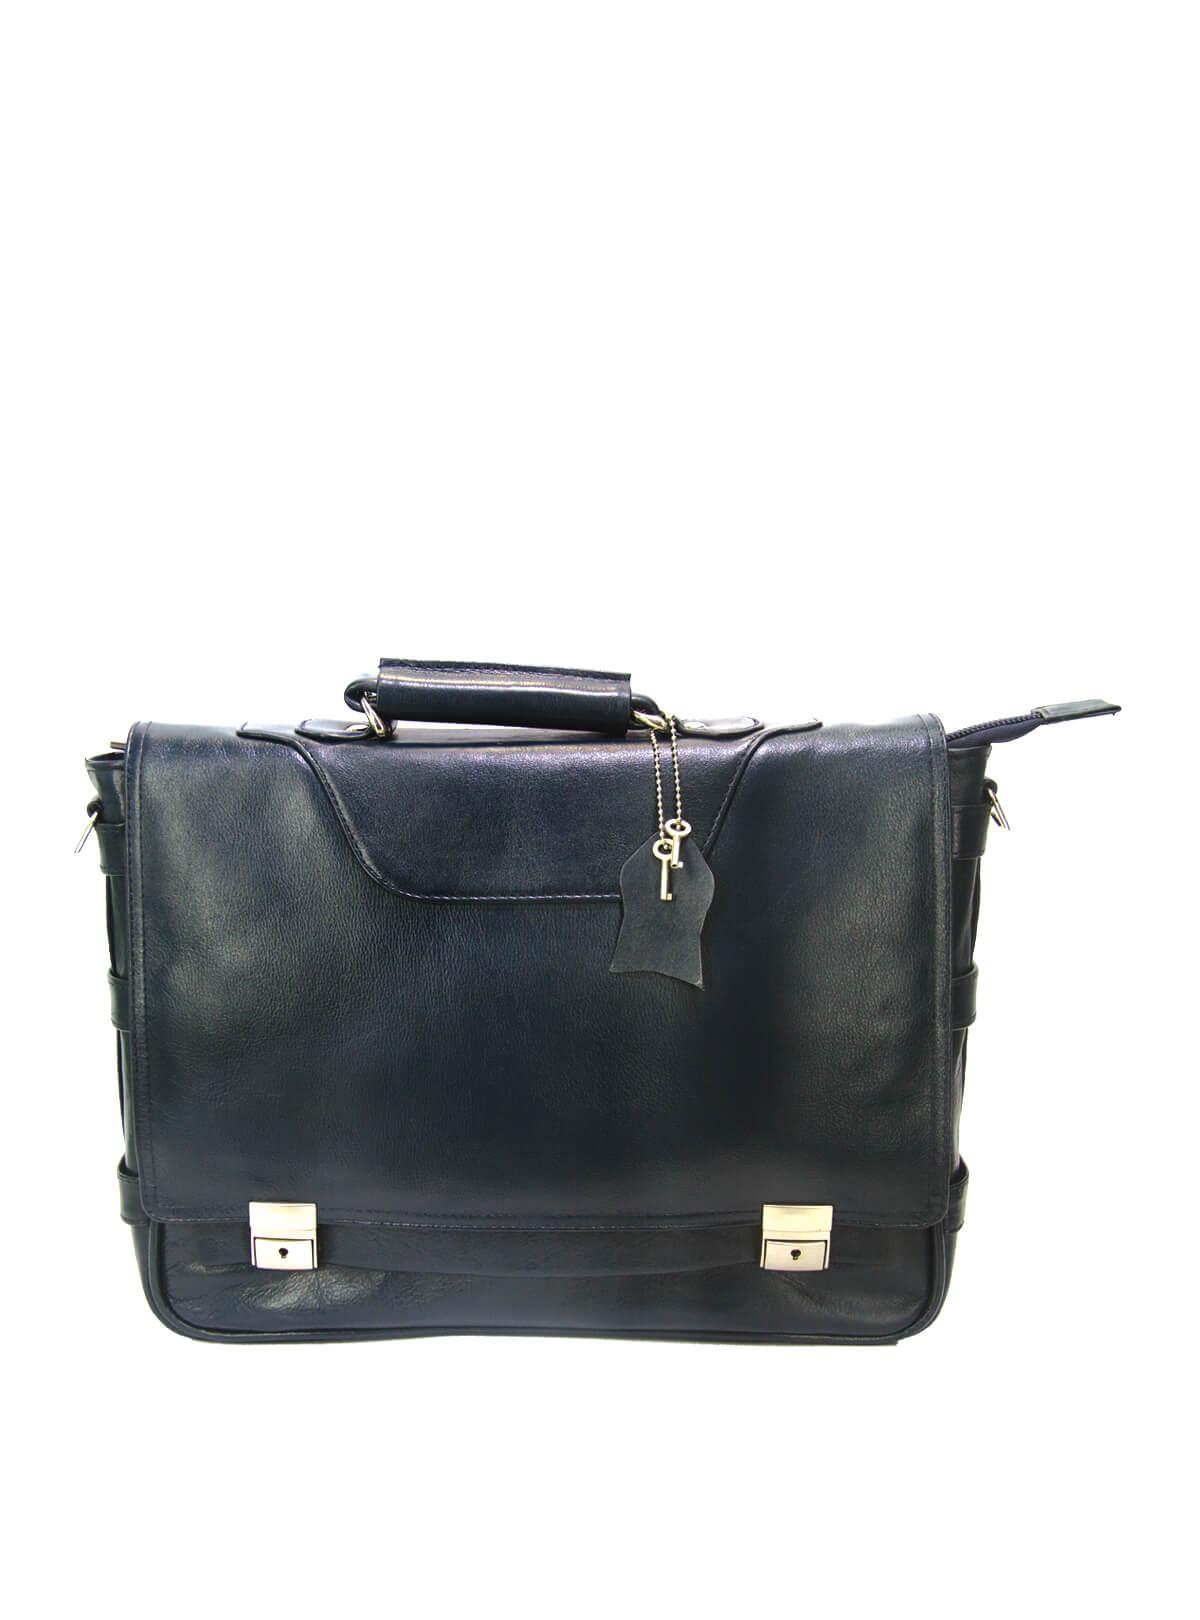 Cinder Grey Leather Office Bag For Men